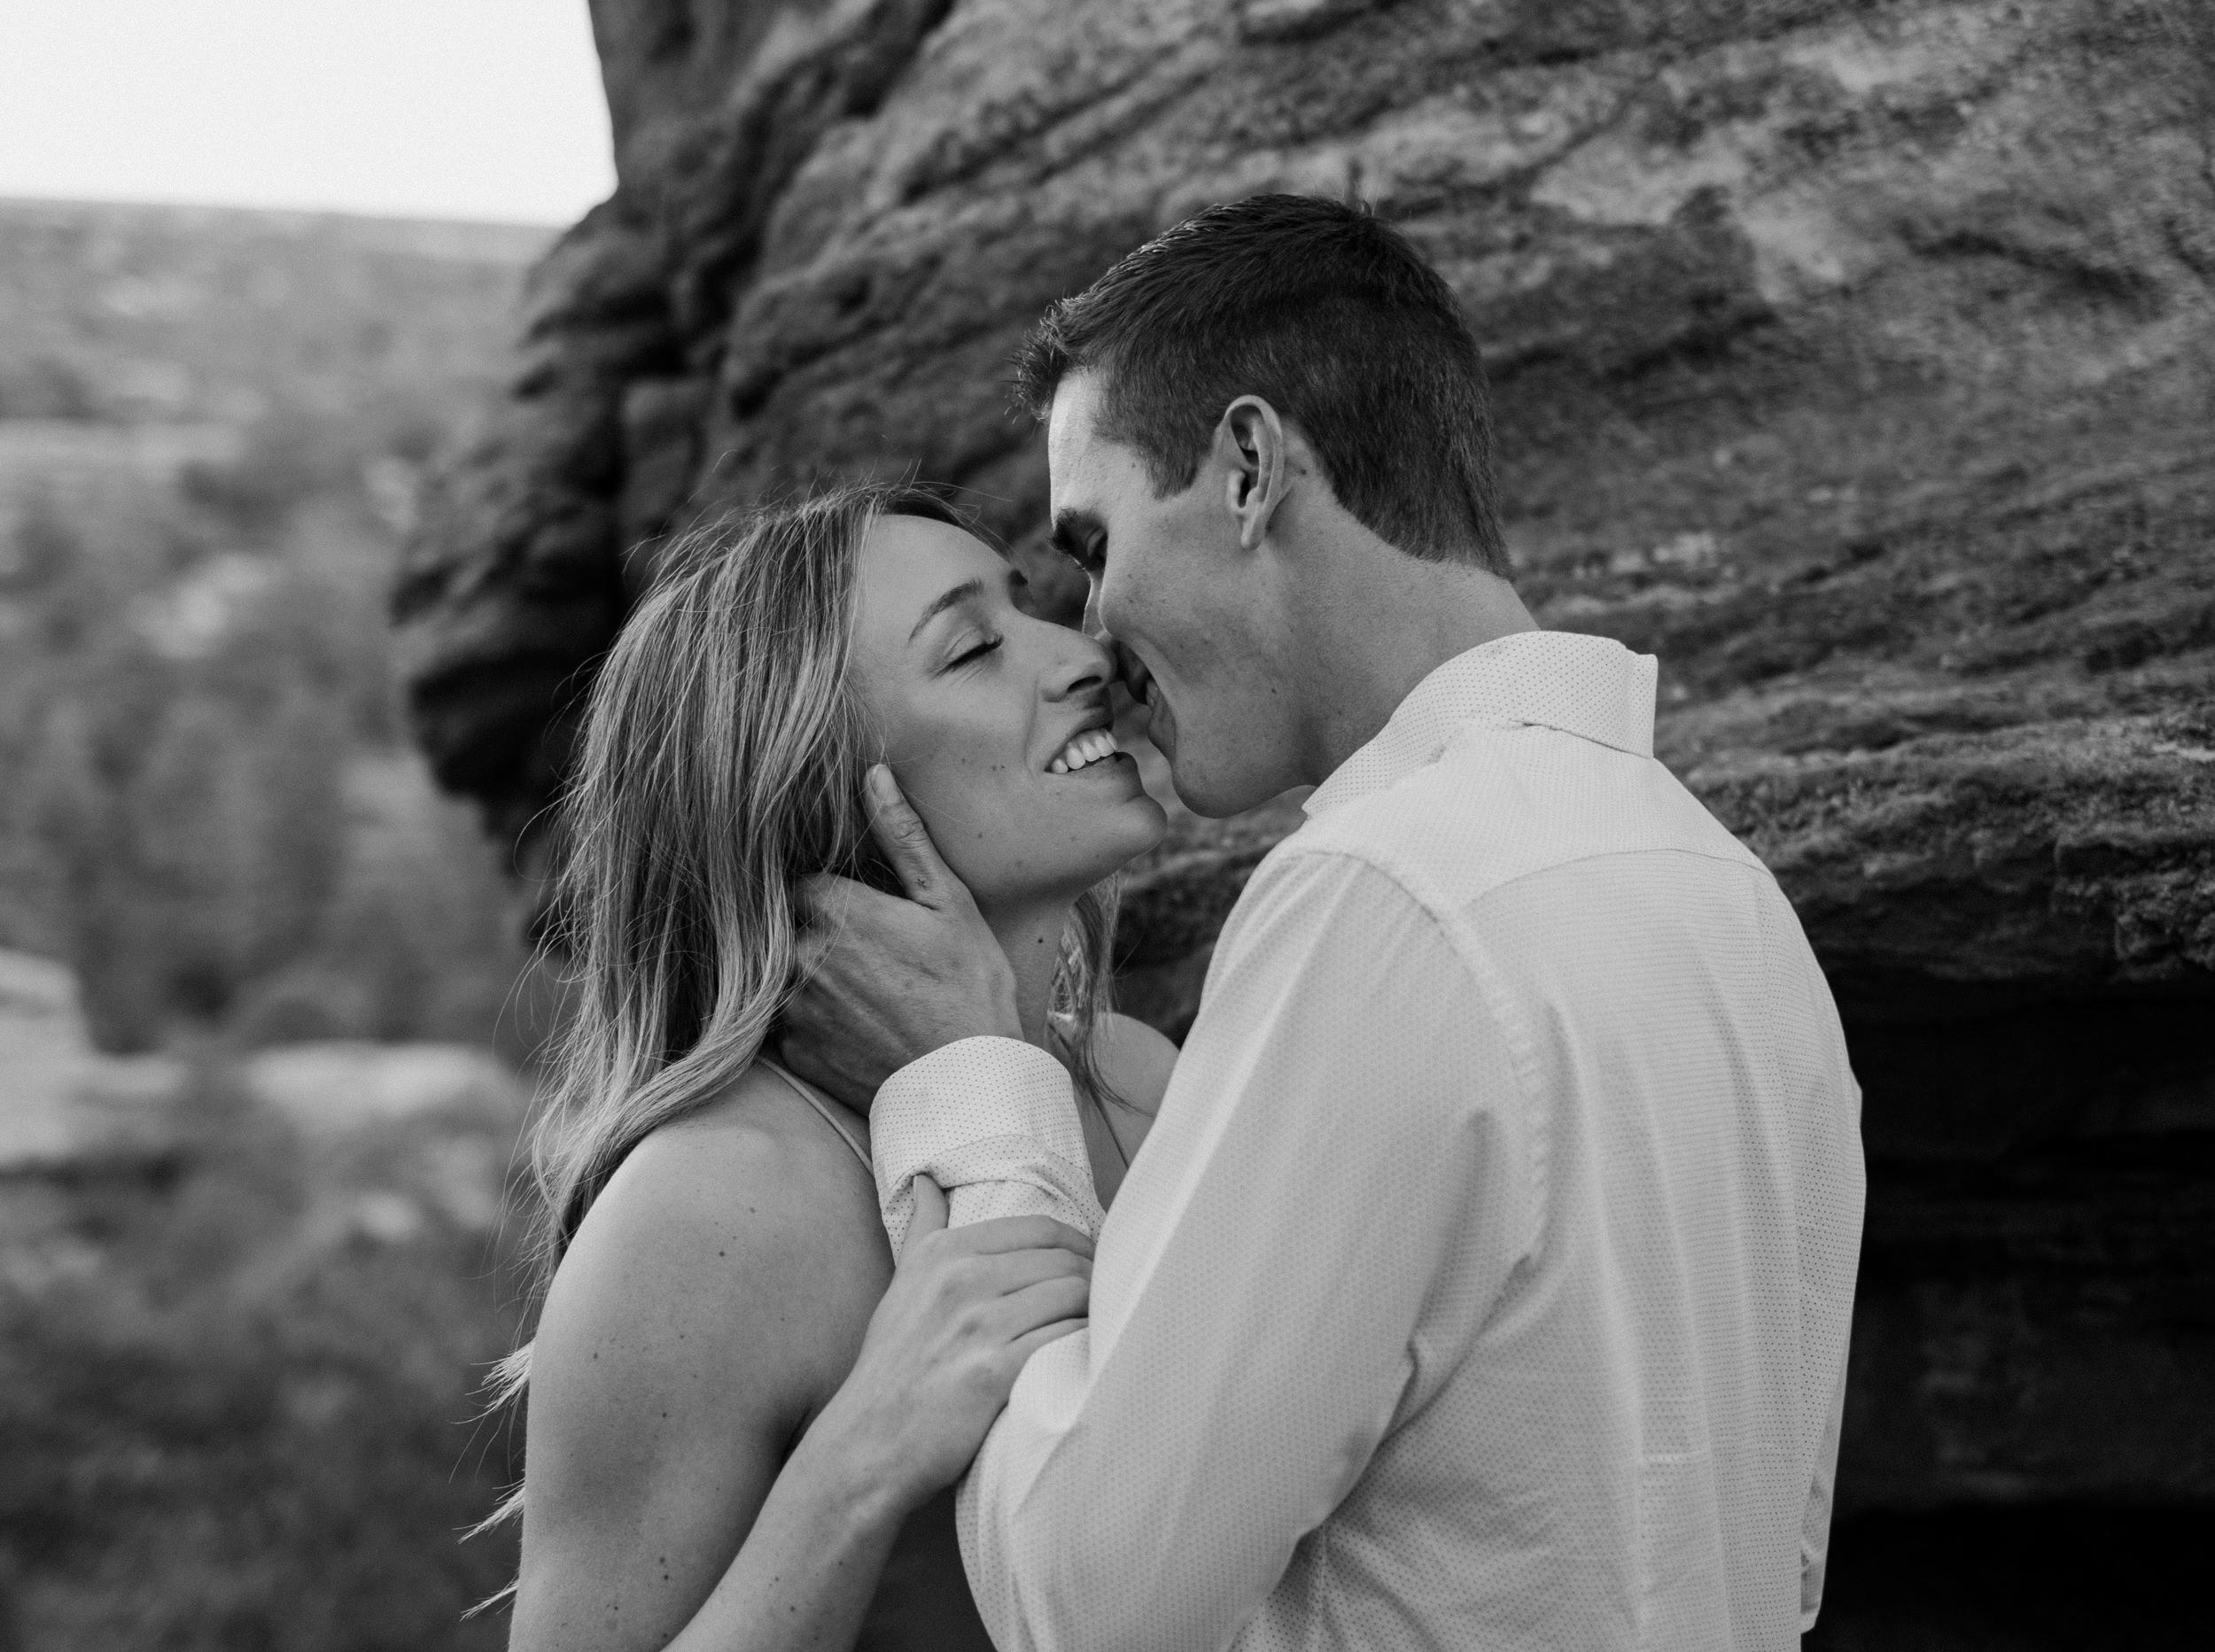 Colorado Springs elopement at Garden of the Gods. Elopement and wedding photos at Garden of the Gods. Colorado elopement locations.